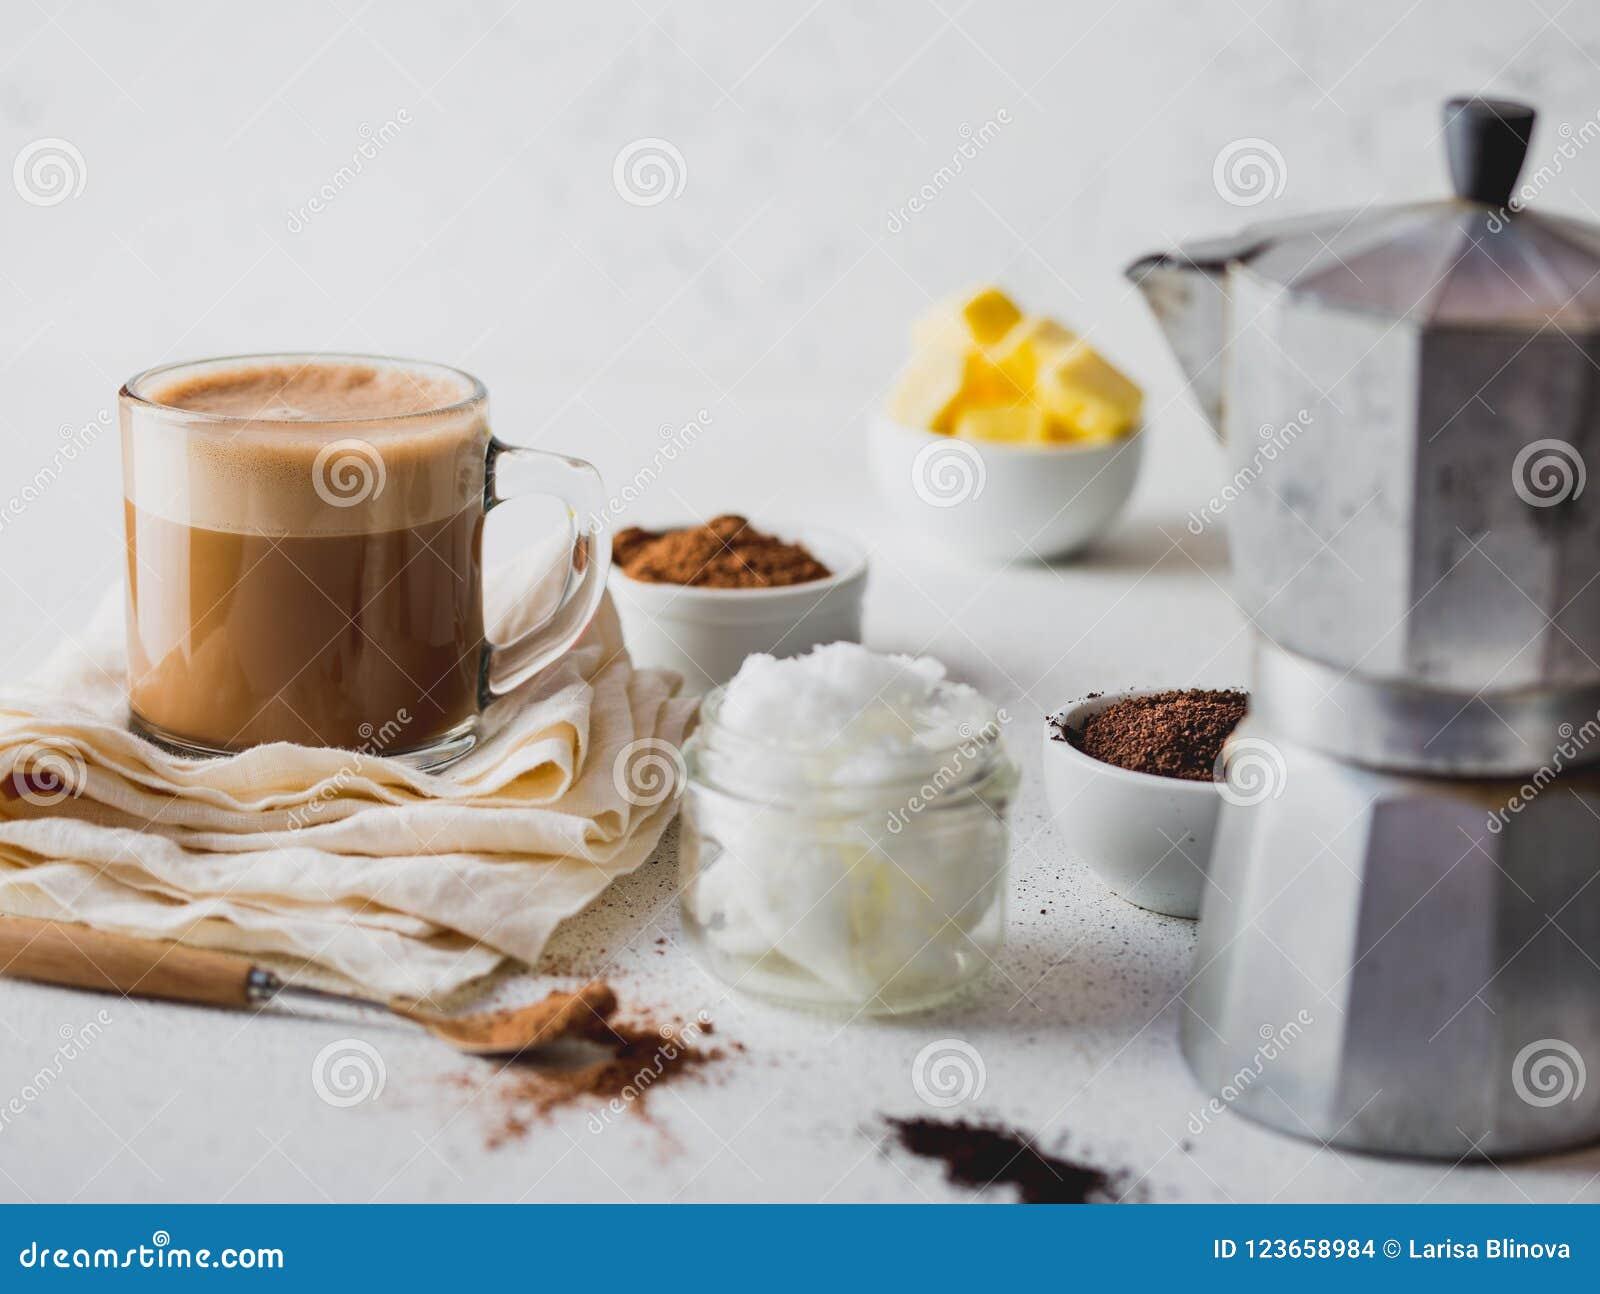 pan keto con aceite de coco